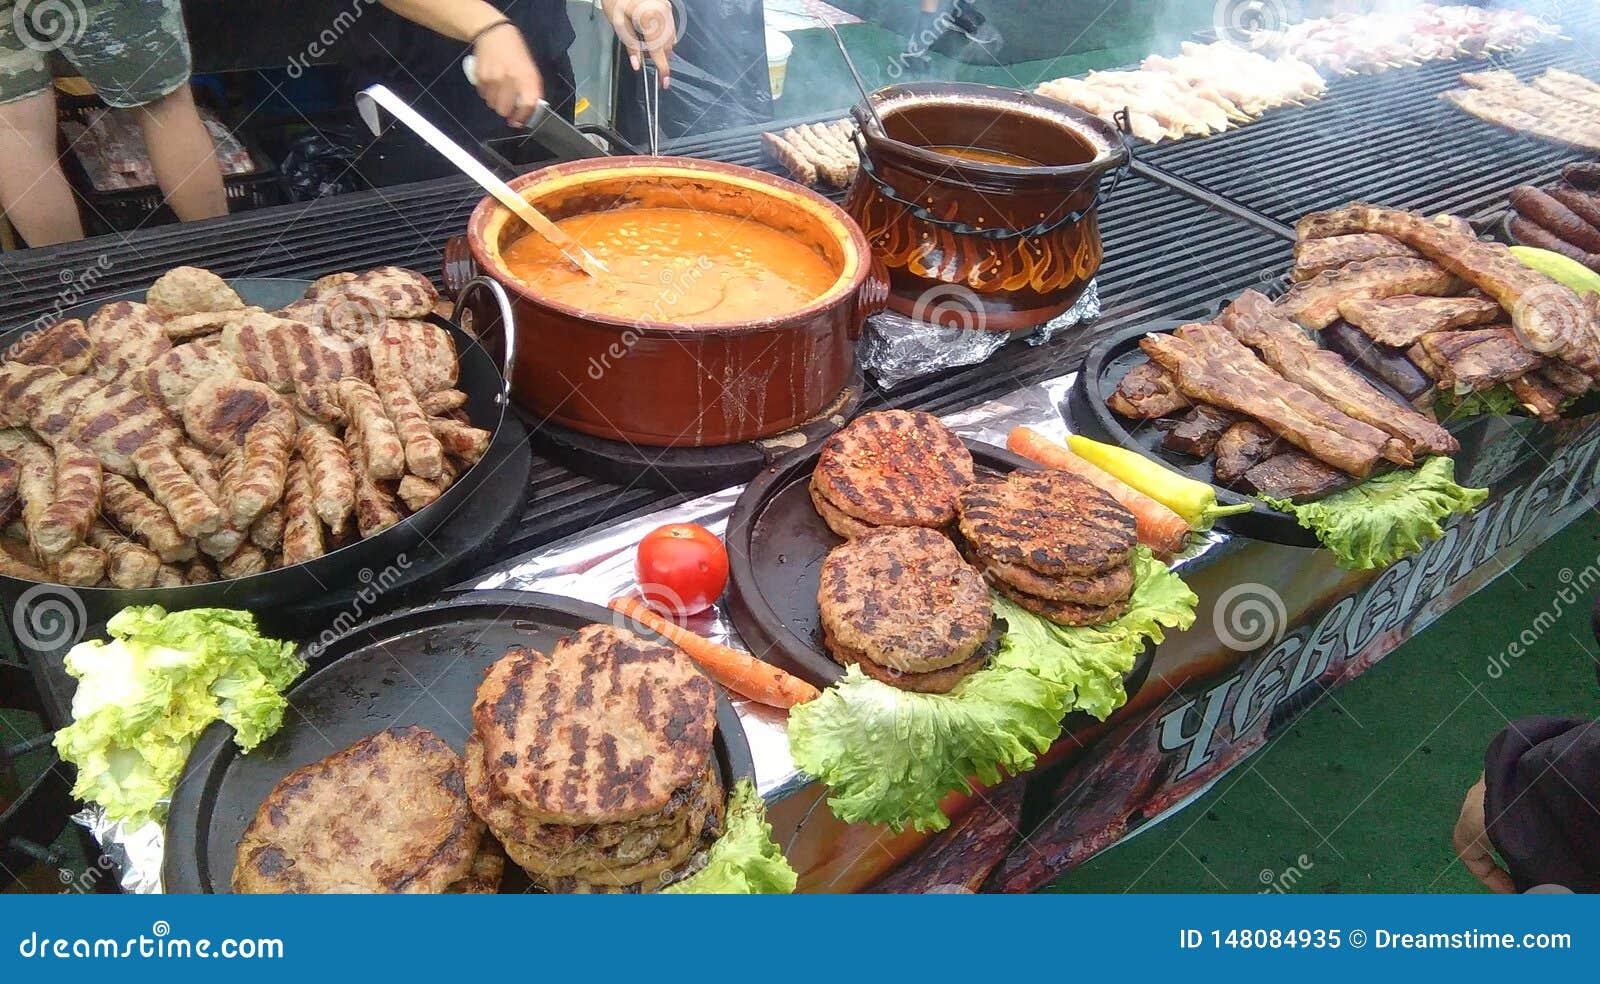 Le charbon de bois a grillé la nourriture naturelle Rassemblement slavic de campagne